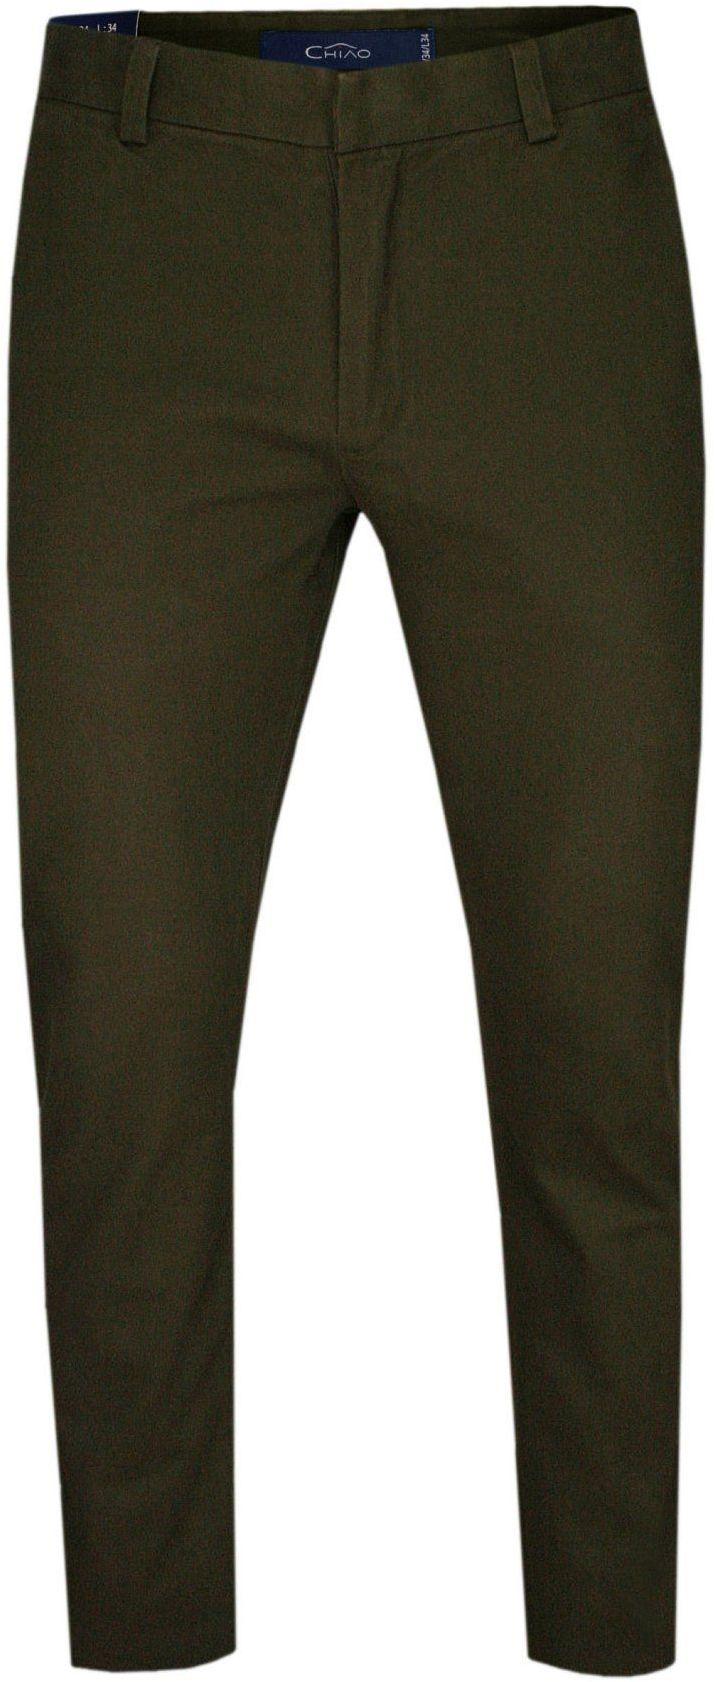 Zielone Bawełniane Spodnie Męskie, CHINOSY -CHIAO- Casualowe, Stylowe, Oliwkowe SPCHIAOM3B03braz